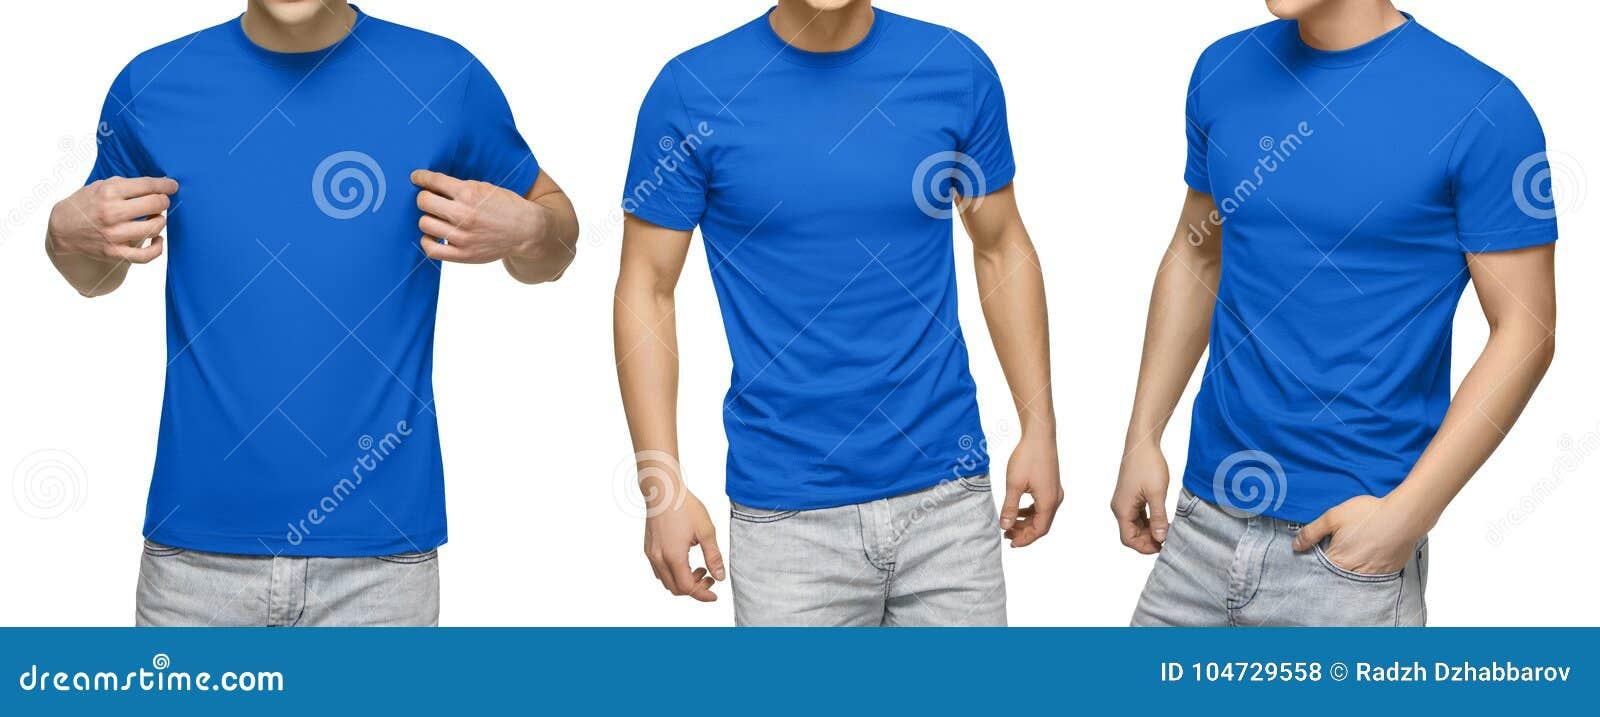 Le jeune mâle dans le T-shirt bleu vide, avant et vue arrière, a isolé le fond blanc Concevez le calibre et la maquette de T-shir